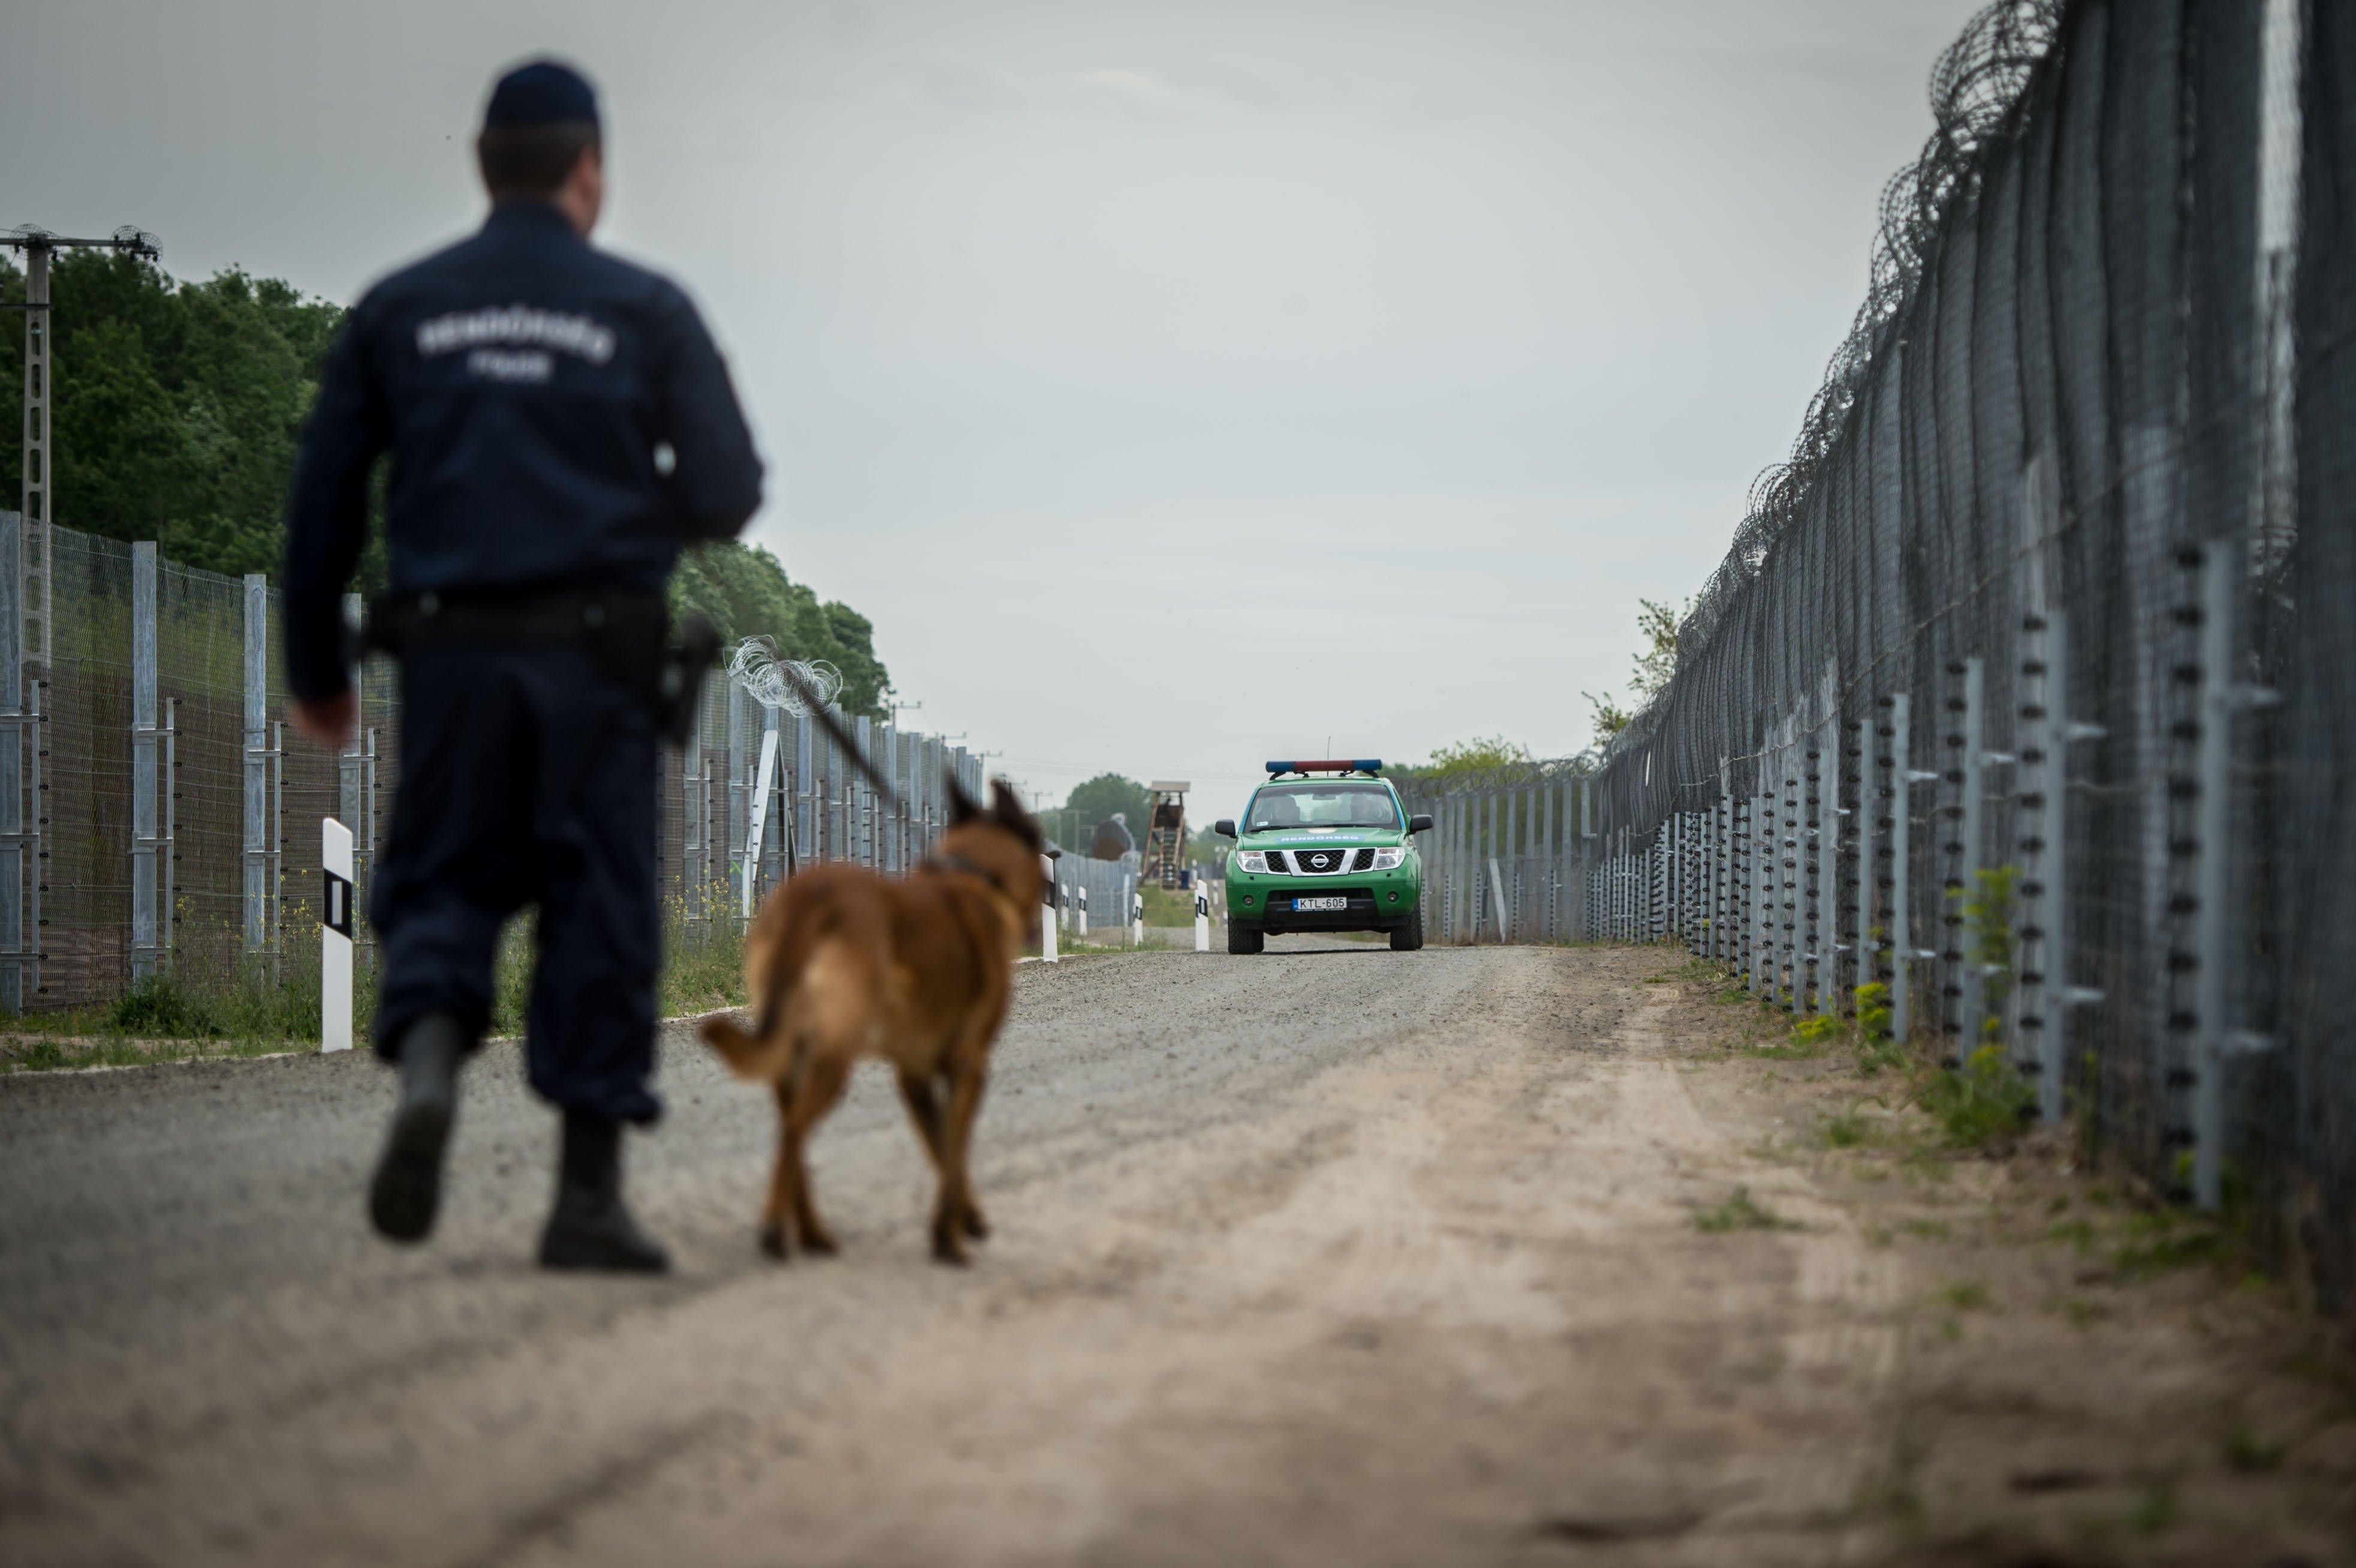 Perímetro fronterizo en la frontera entre Hungría y Serbia, en Röszke. Foto / Gergely Botár/kormany.hu